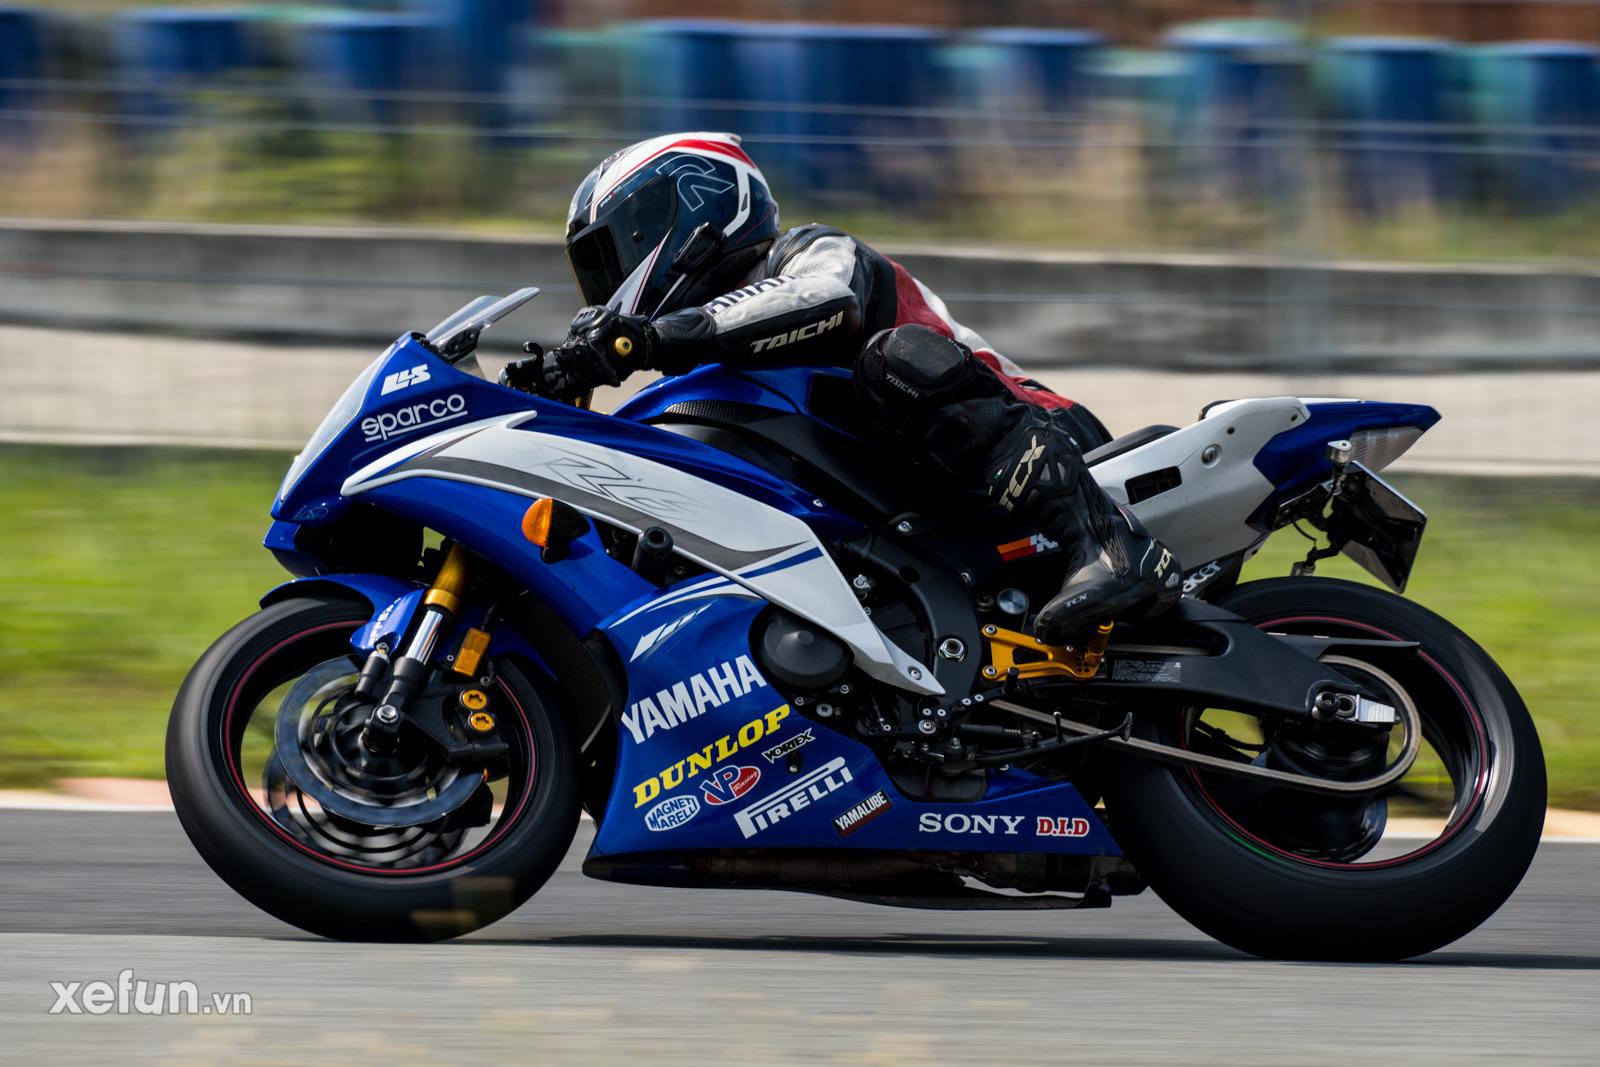 Các tay đua nài xe phân khối lớn PKL BMW S1000RR Ducati Monster Kawasaki Ninja ZX10R tại Trường đua Đại Nam trên Xefun (64)235353